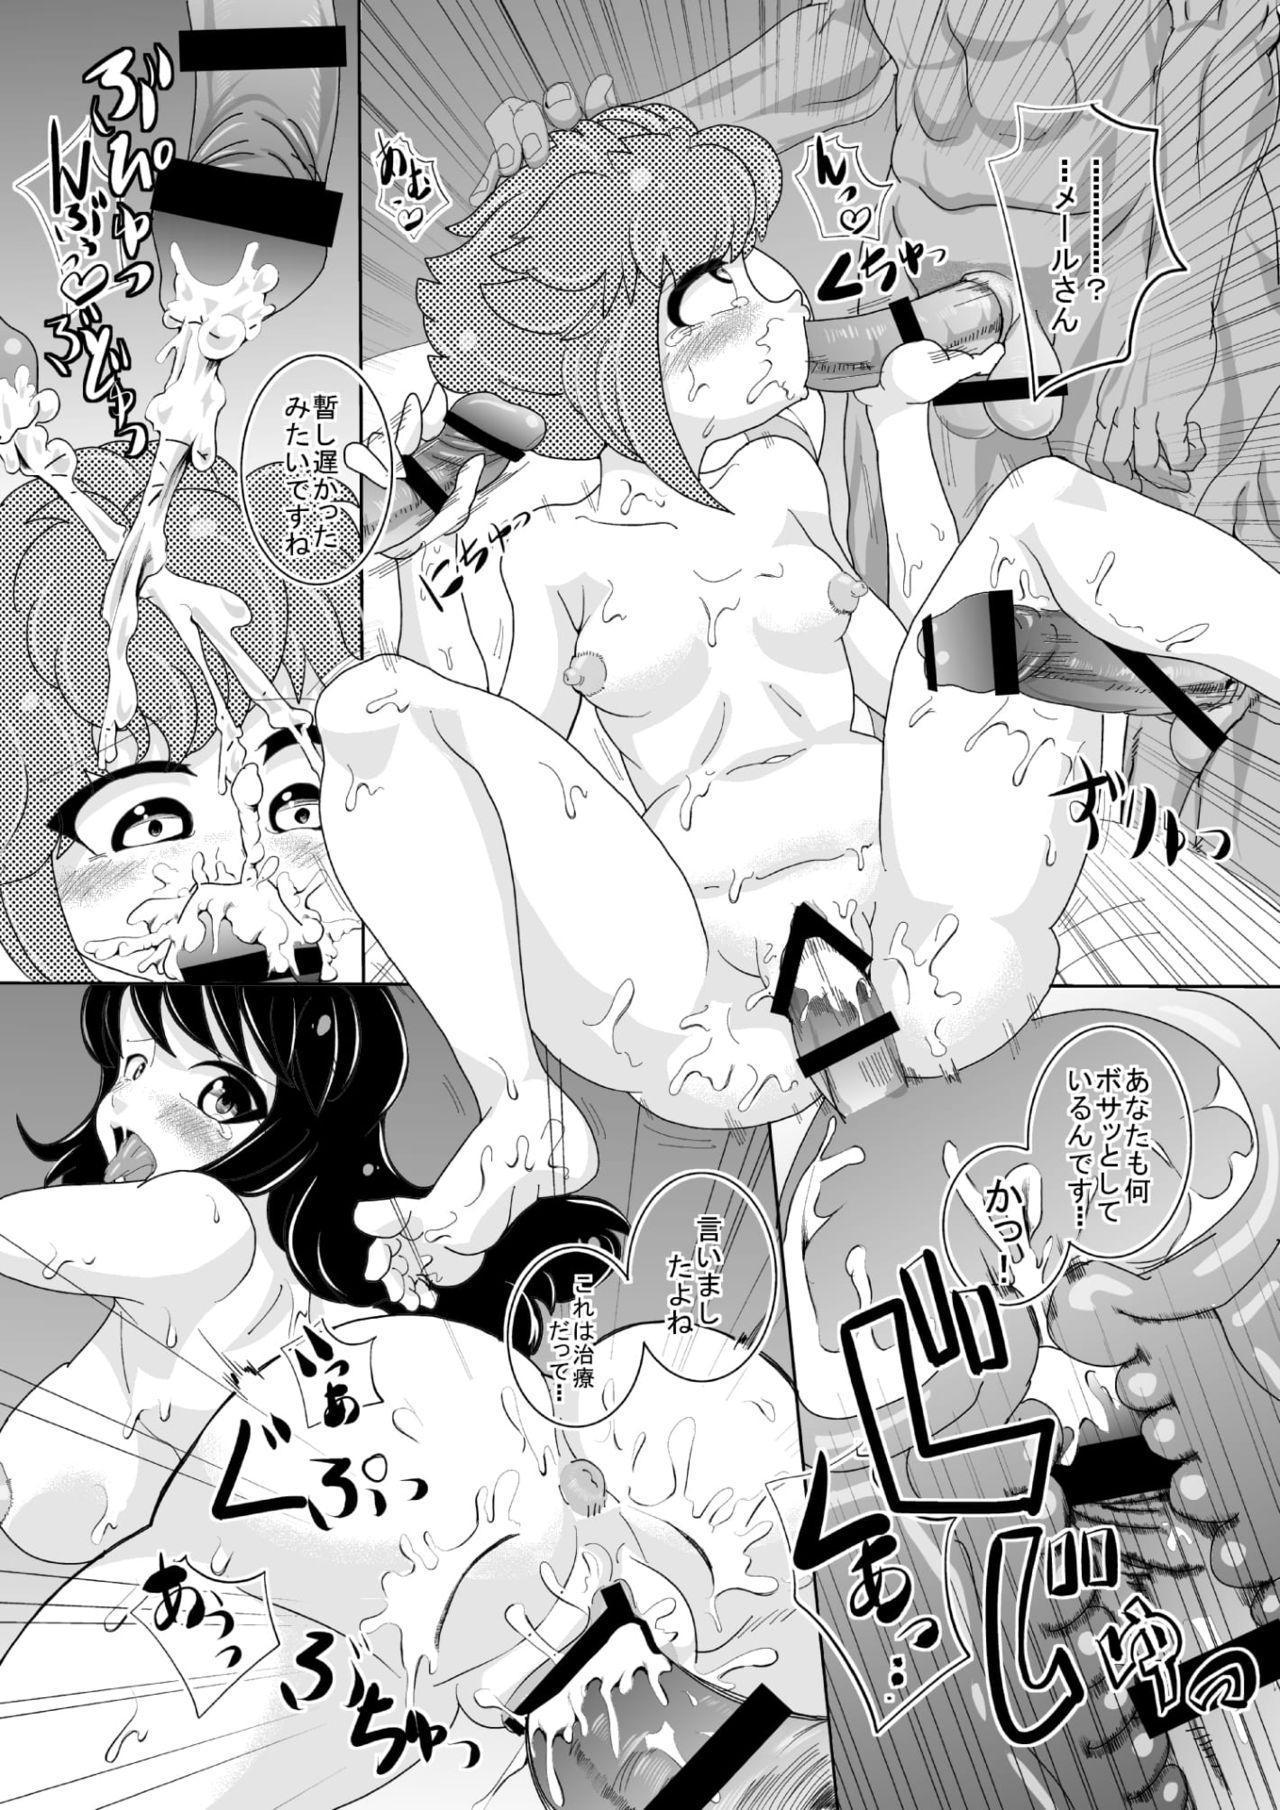 [Seishimentai (Syouryuupen)] Mentananako Z - Ciony-chan Hakai Hen (Super Robot Taisen) 11